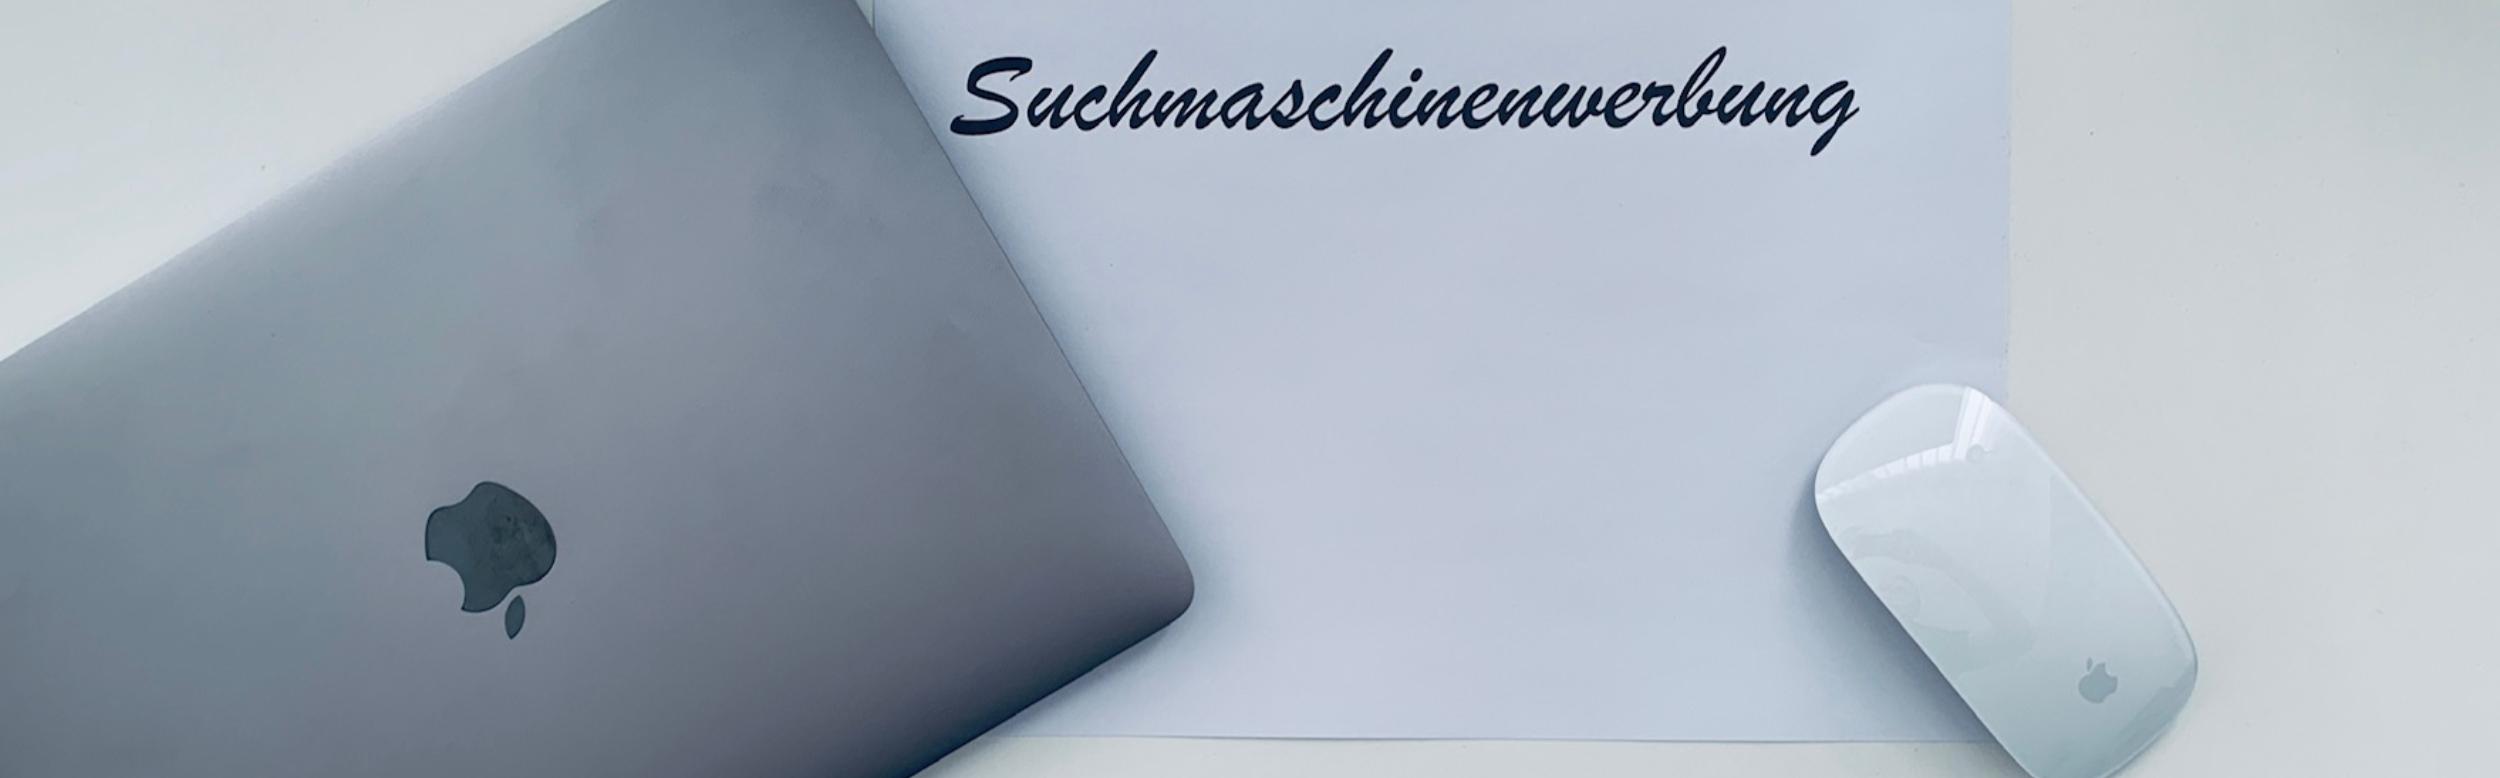 Suchmaschinenwerbung-SEA-OMBK